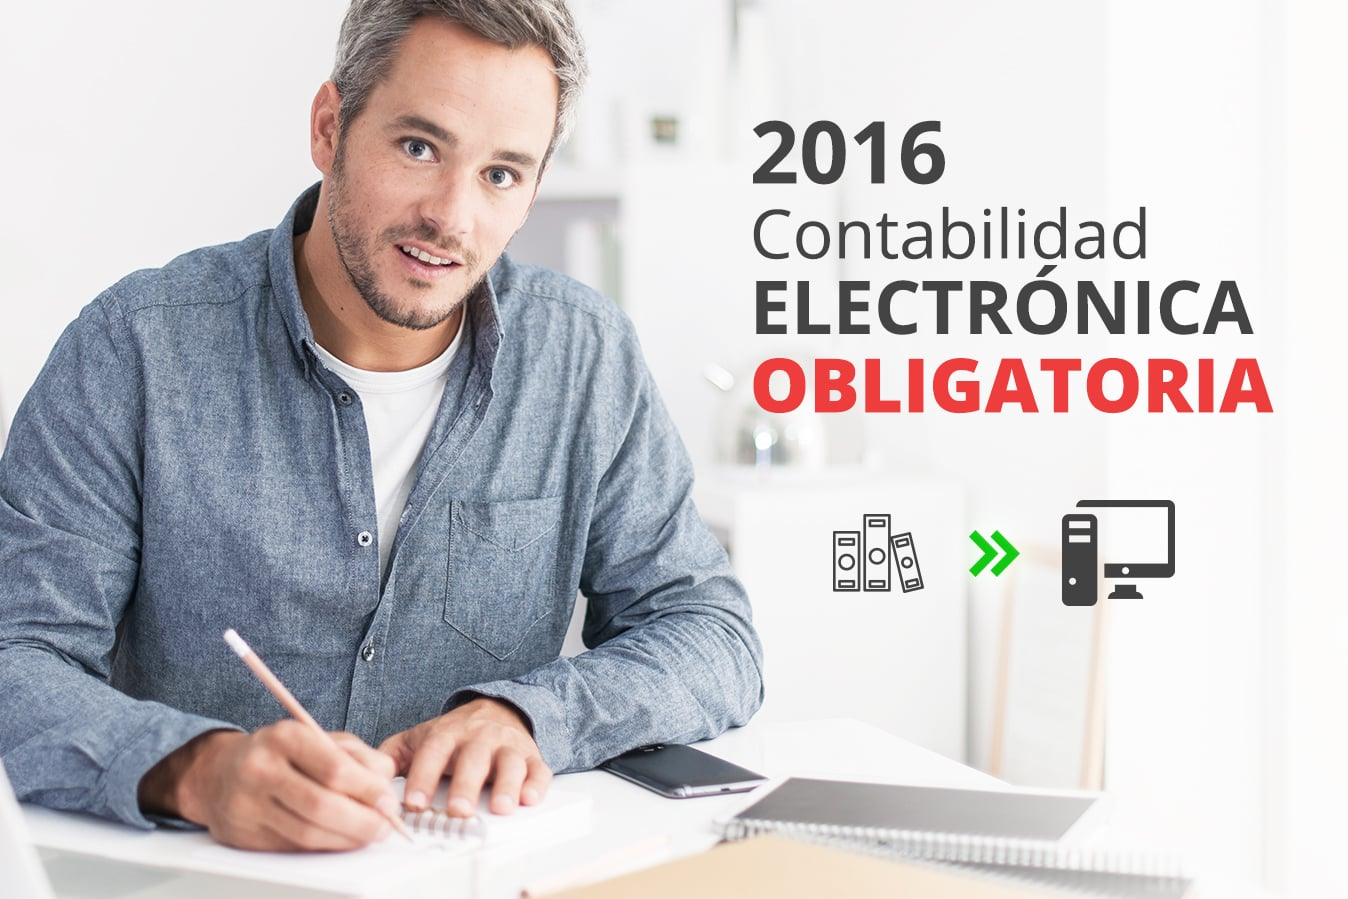 Resolución de modificaciones en la Resolución de Miscelánea Fiscal para la presentación de la contabilidad electrónica obligatoria